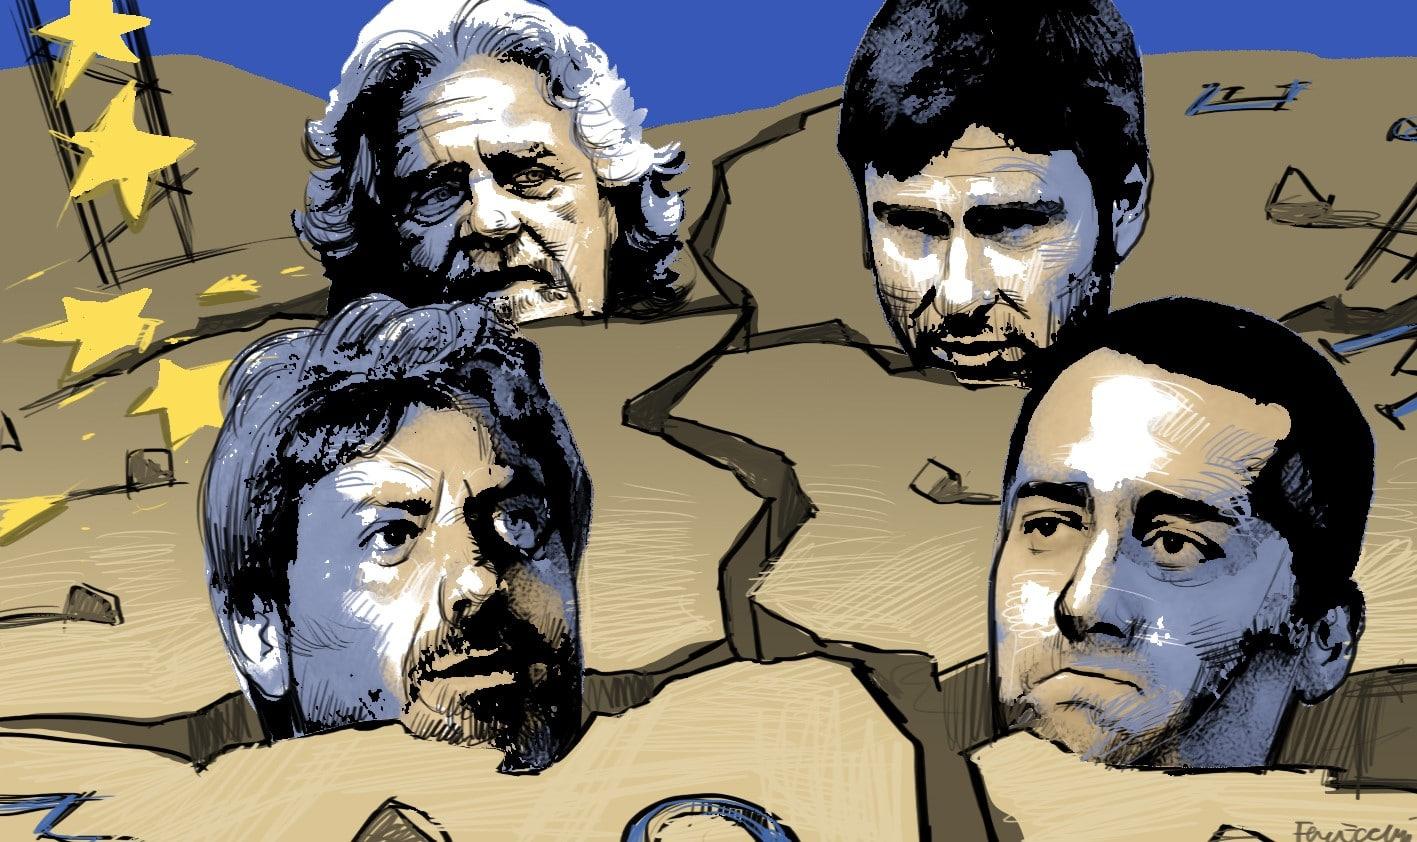 La notte in cui è morto il M5S | Elezioni Umbria 2019